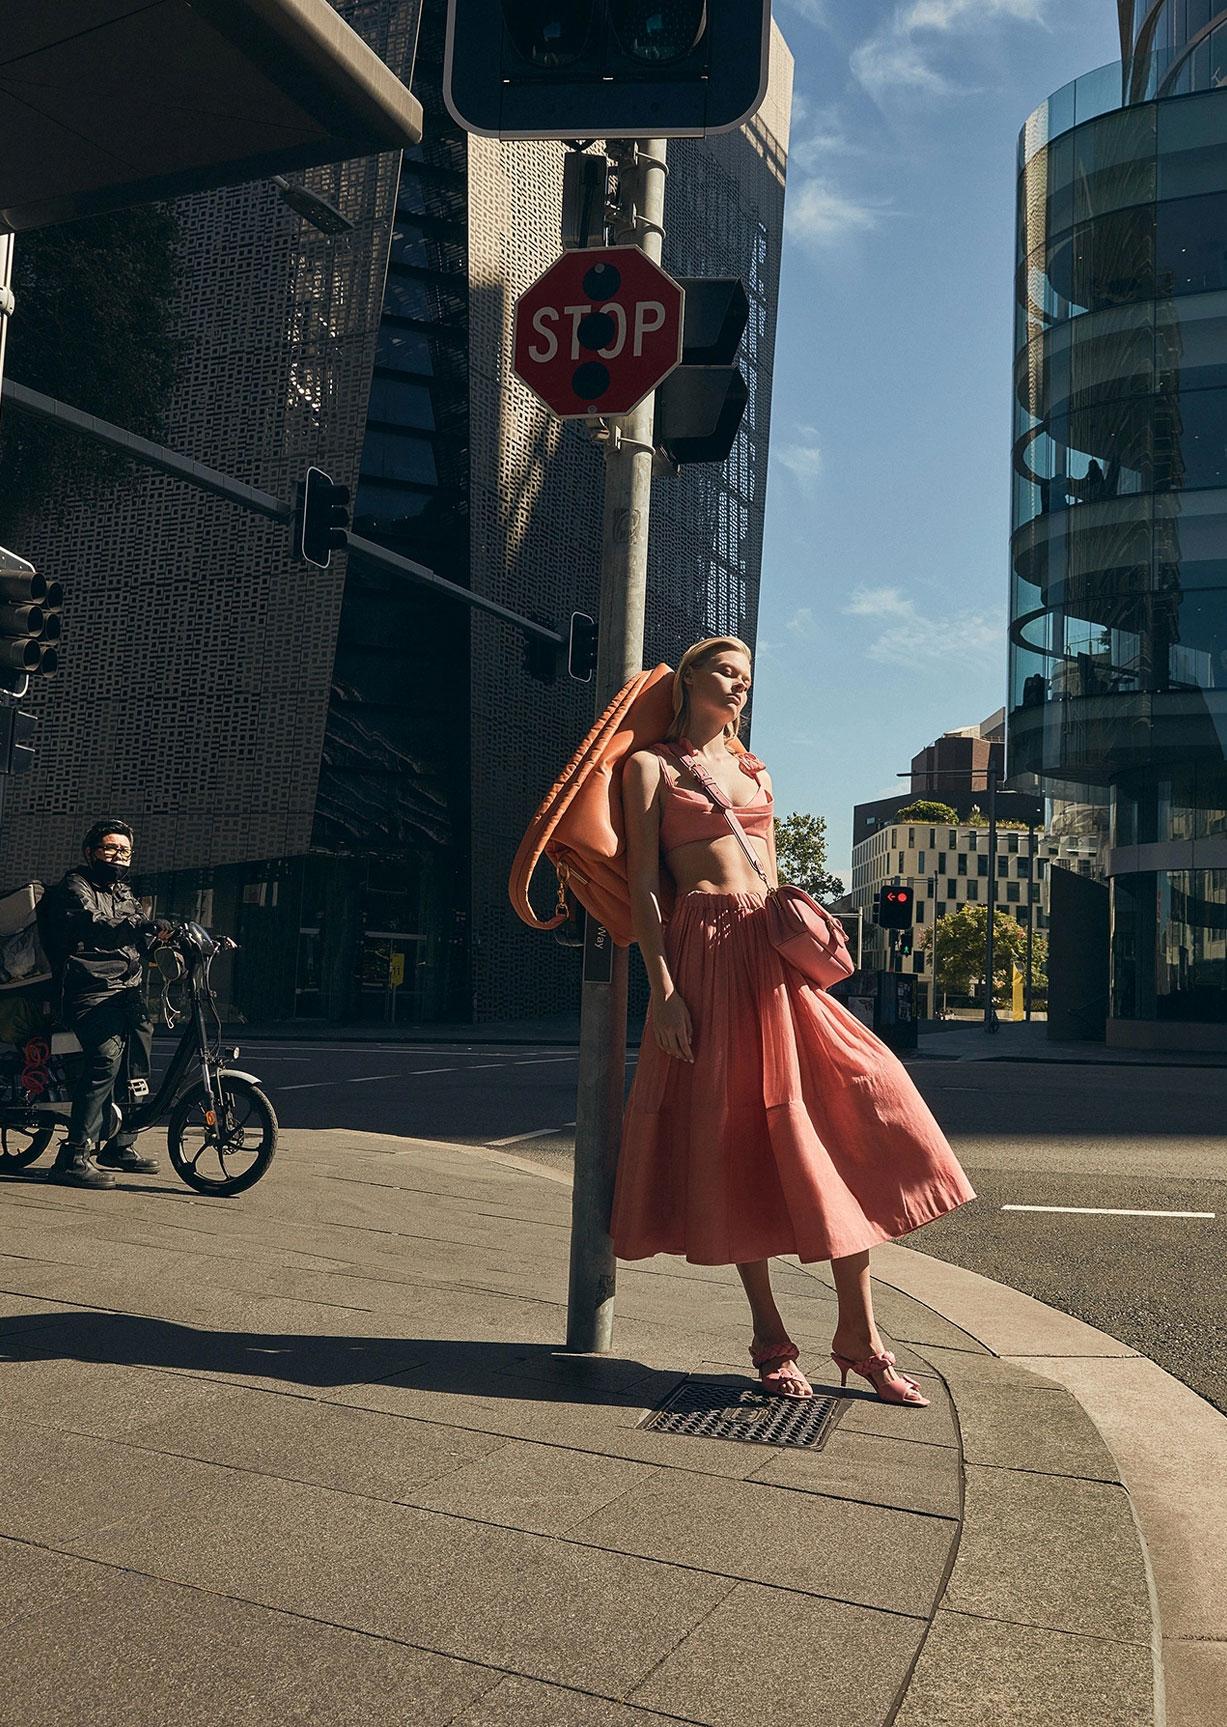 Девушка с громадной сумкой гуляет по городу / фото 02